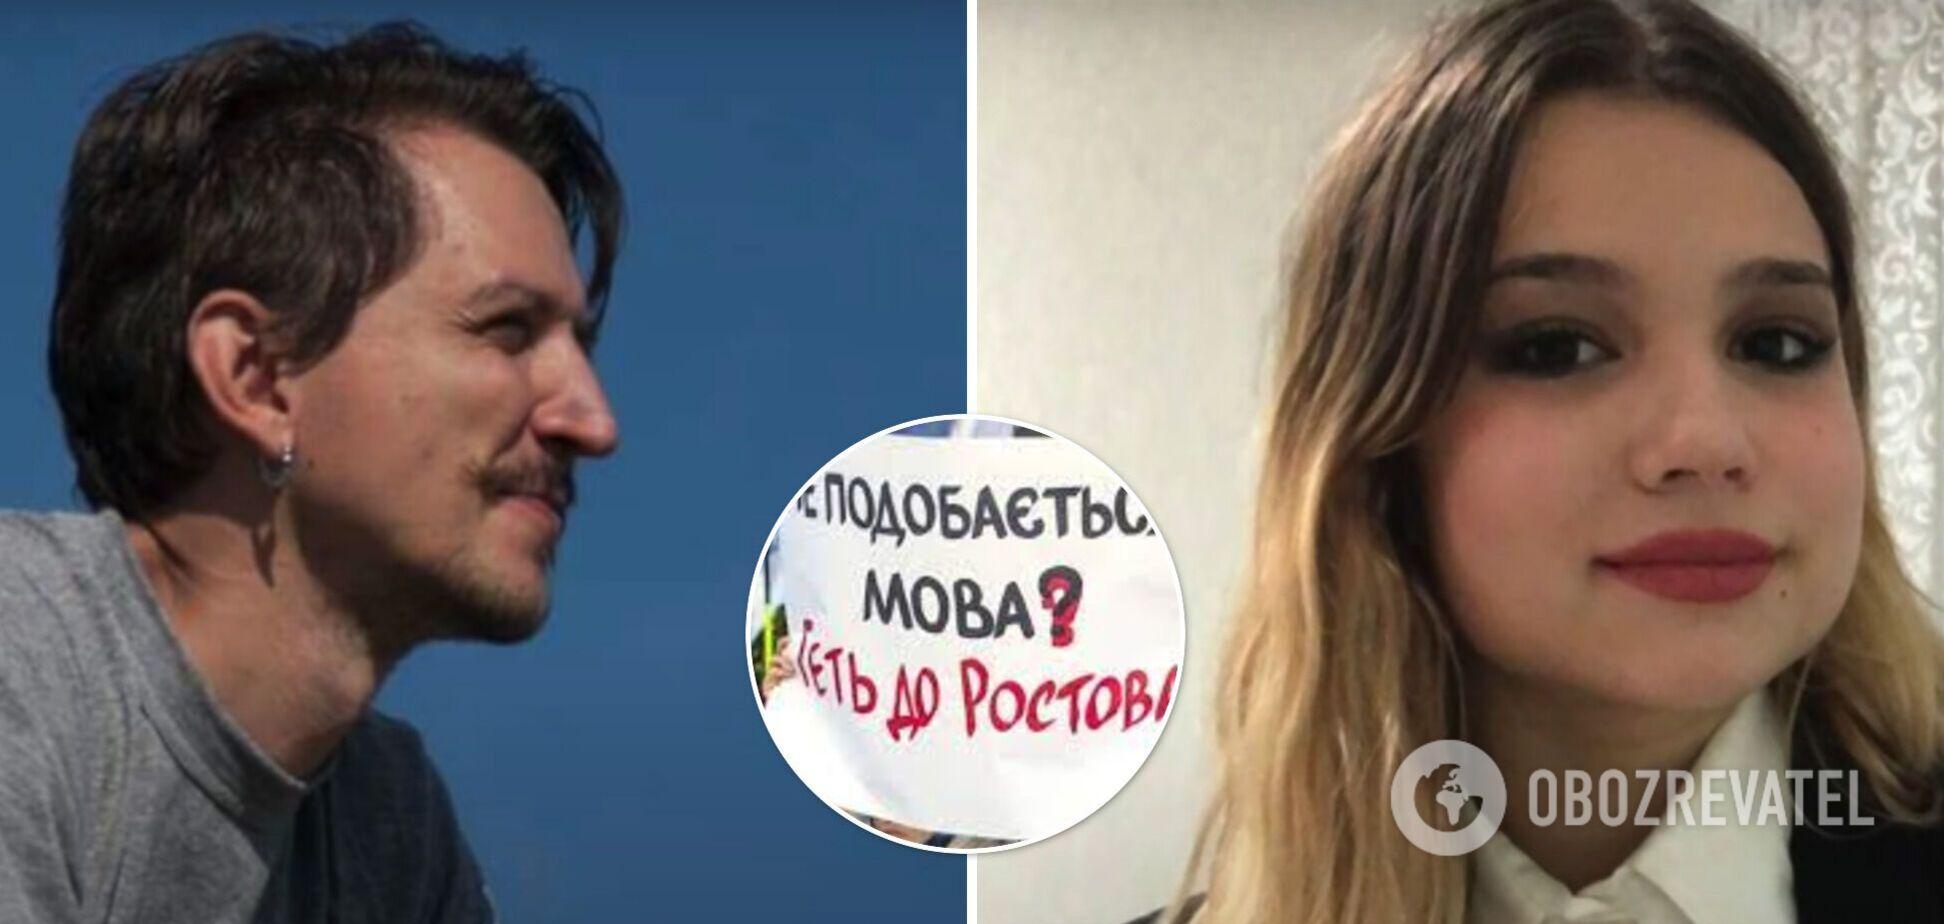 В Киеве очередной языковой скандал: мужчине отказали в работе из-за украинского